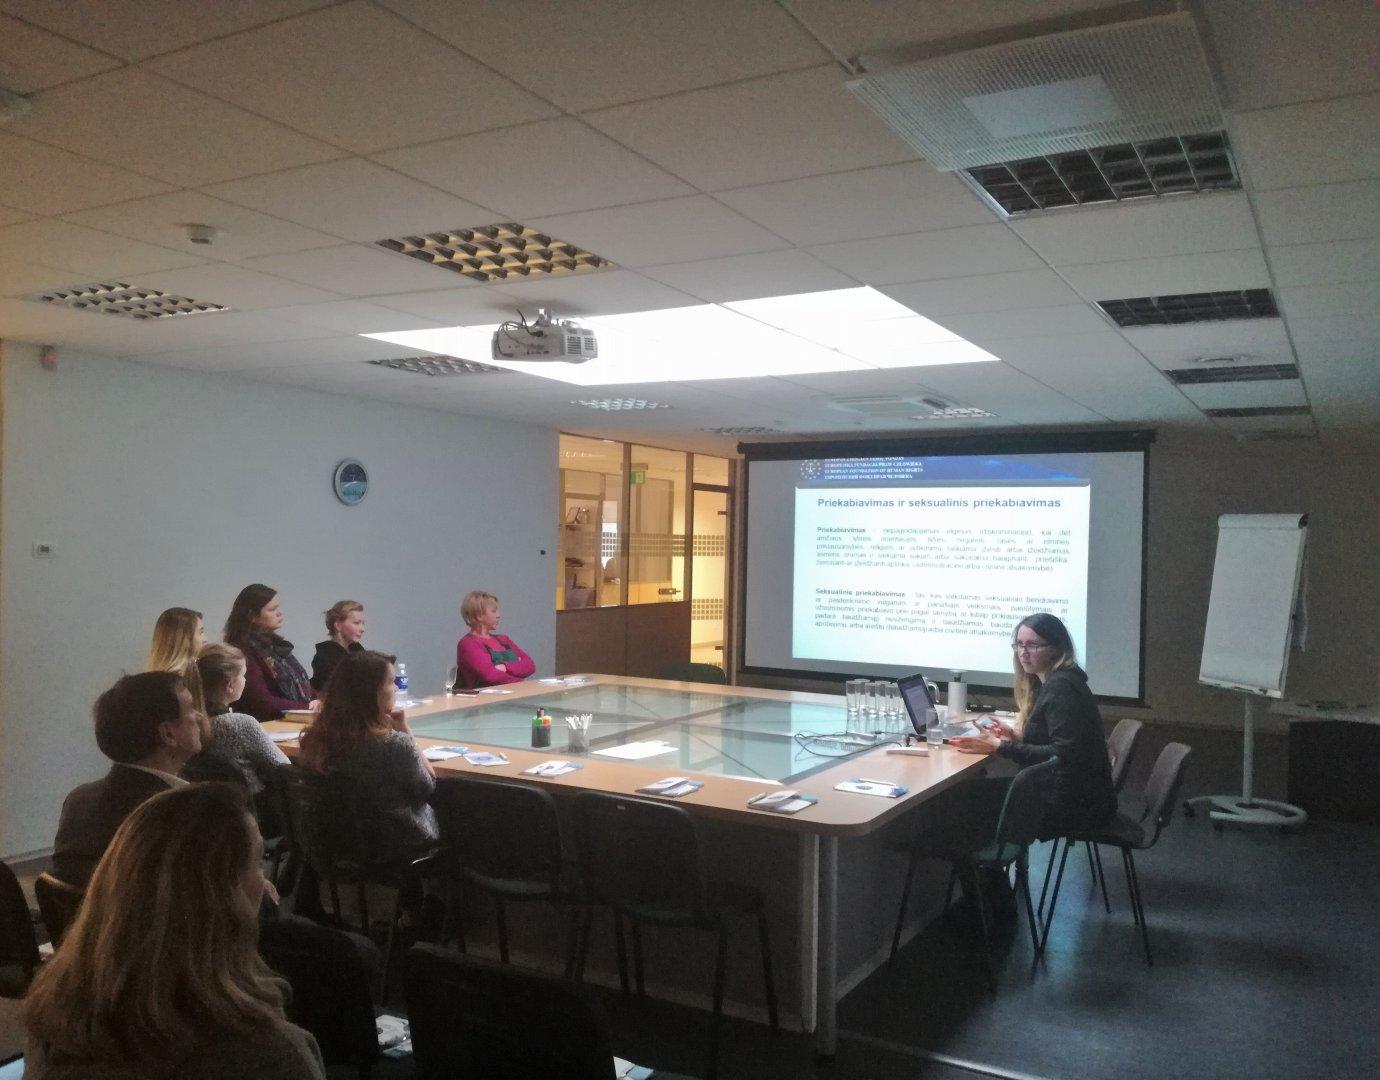 Szkolenie EFHR o równości i ochronie życia prywatnego w miejscu pracy